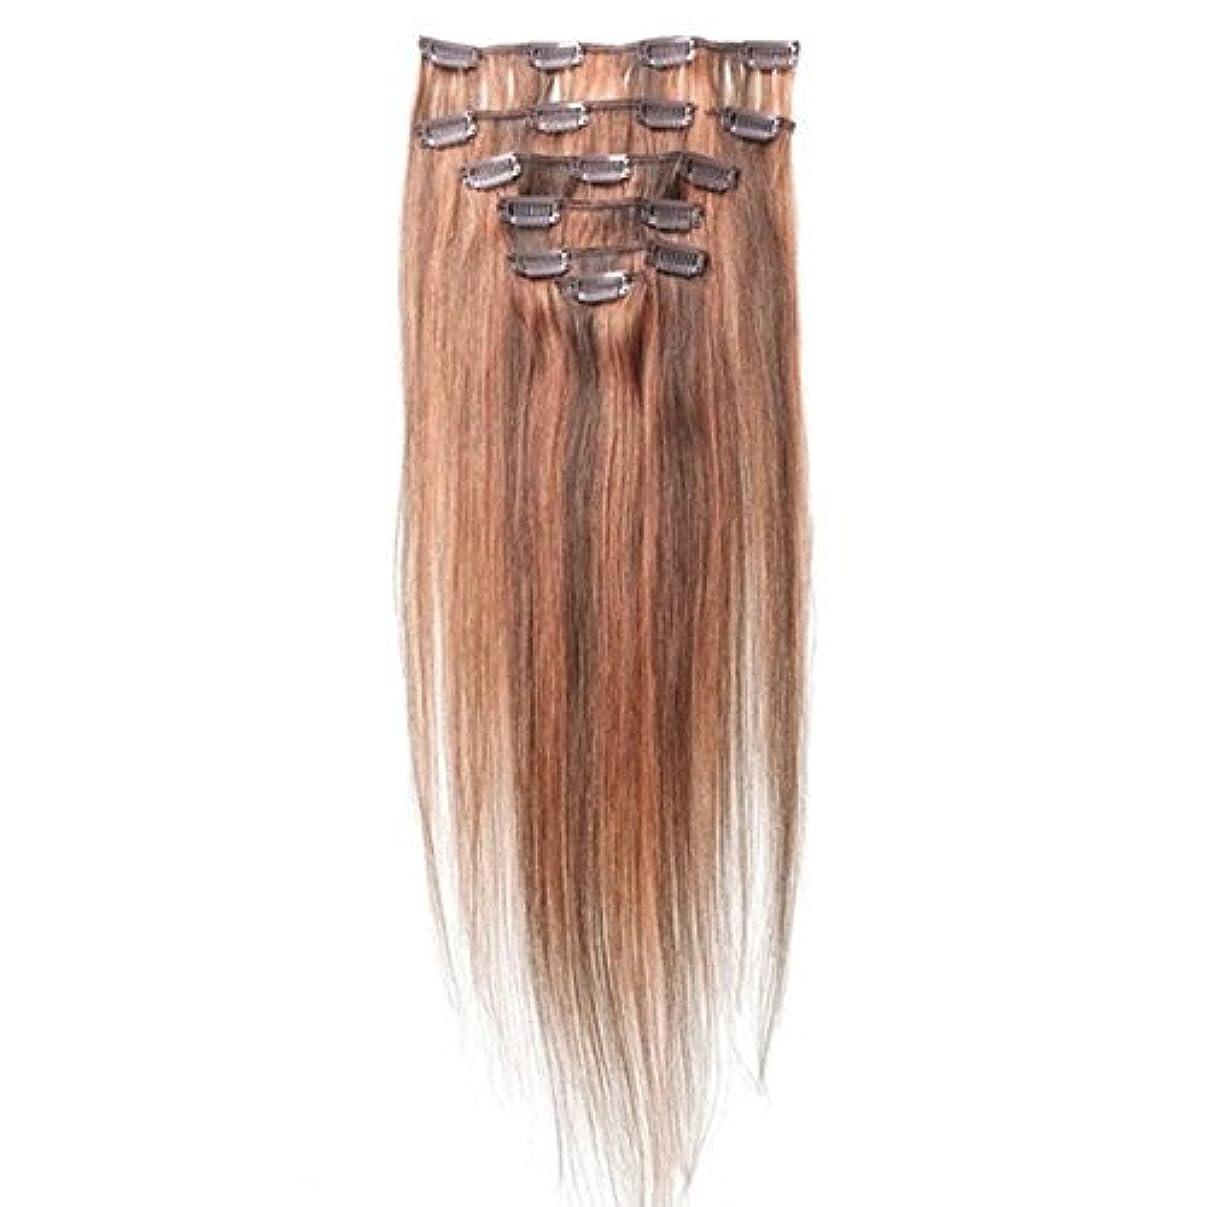 ワーディアンケース湿原ヒントヘアエクステンション,SODIAL(R) 女性の人間の髪 クリップインヘアエクステンション 7件 70g 20インチ キャメルブラウン+レッド